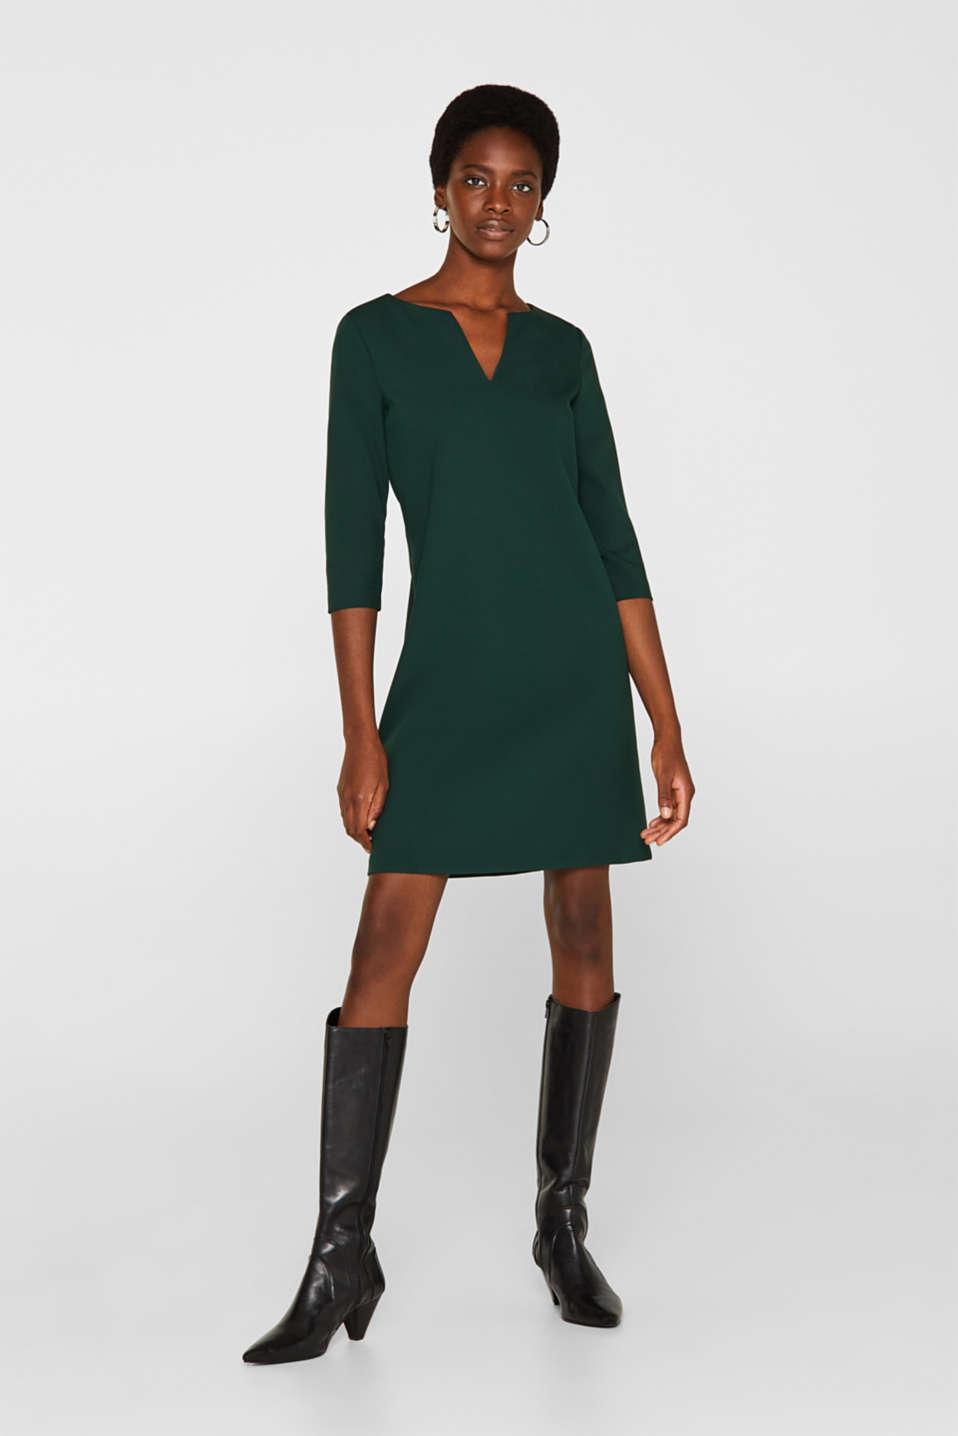 V-neck shift dress, DARK TEAL GREEN, detail image number 1